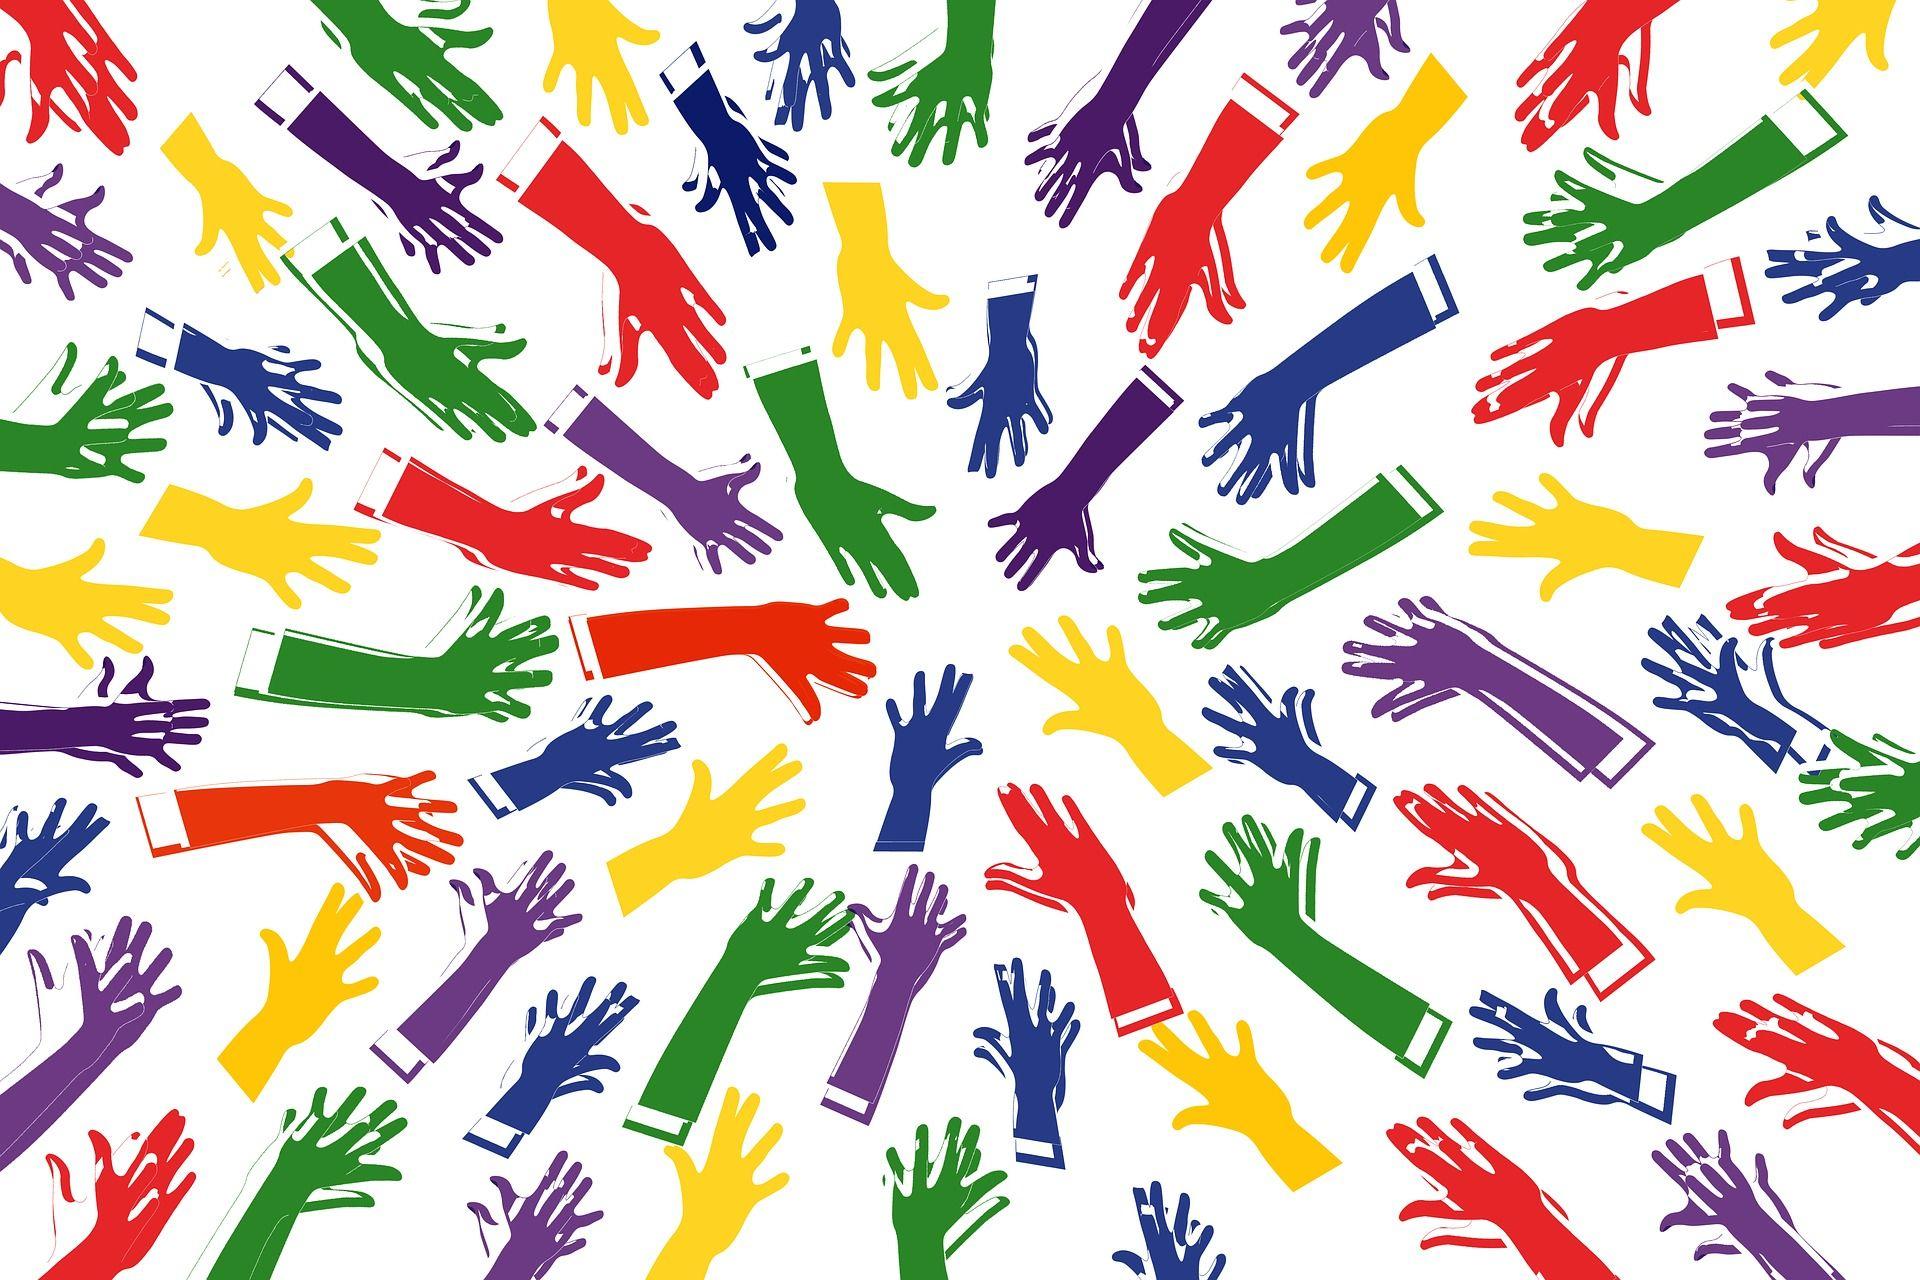 Viele bunte Hände